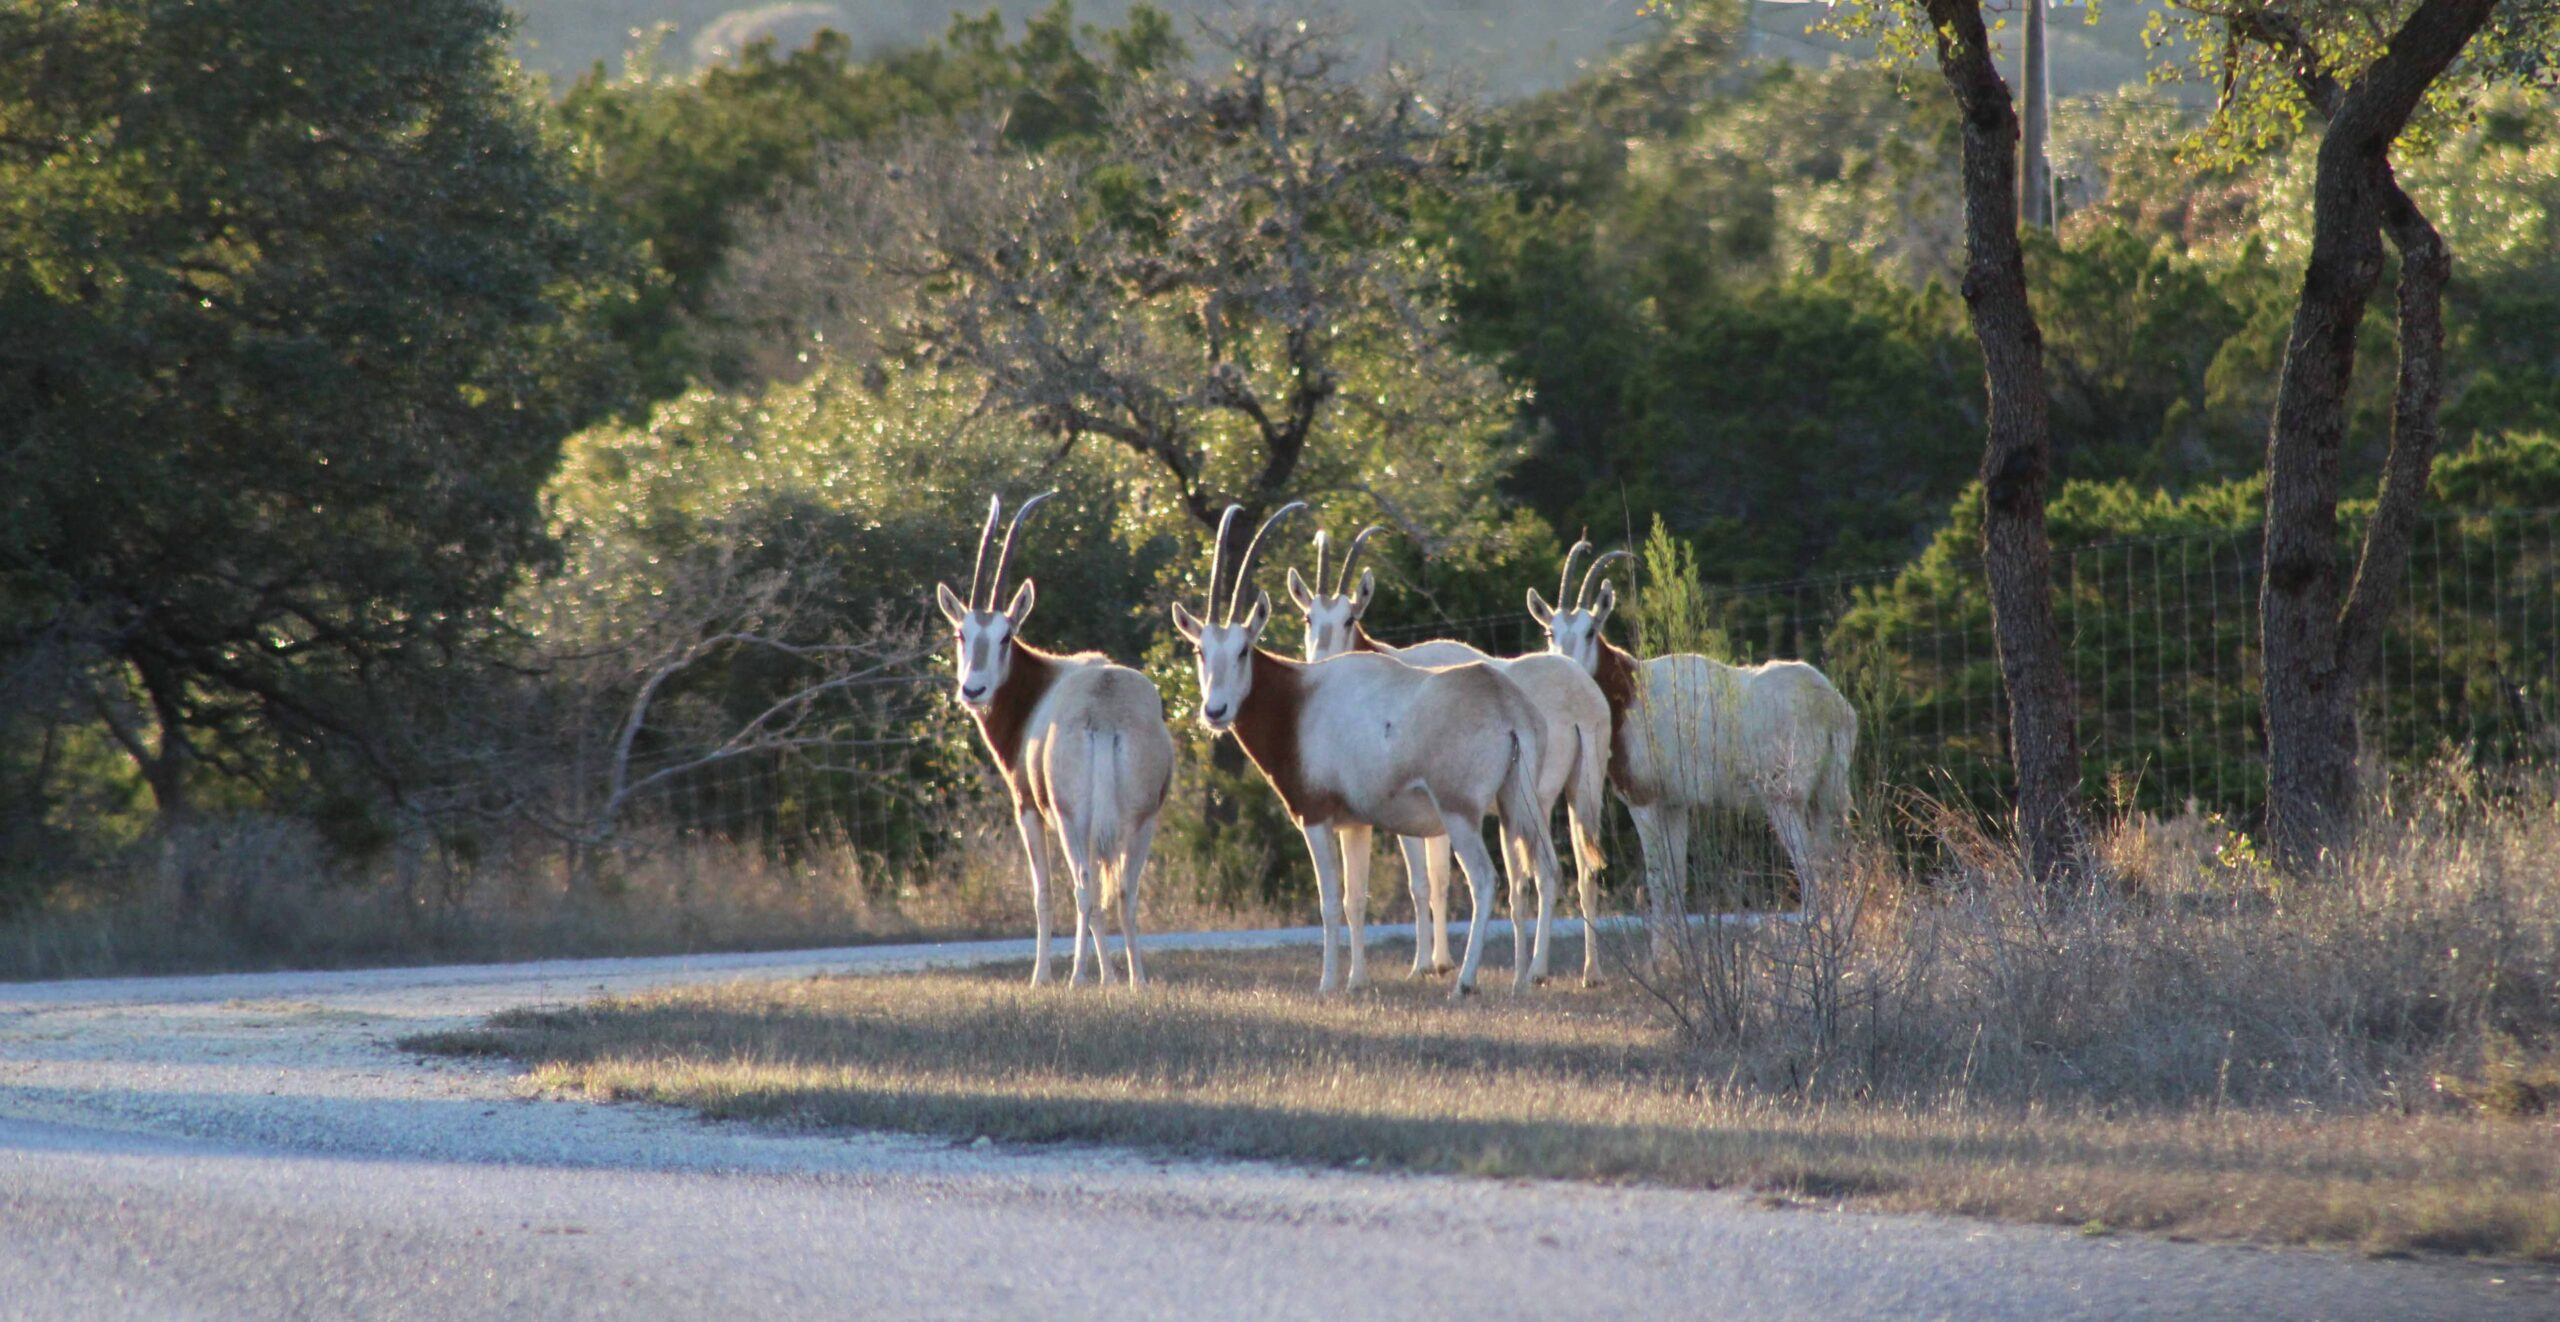 Exotic Hunts at Texas Hunting Ranch Oryx